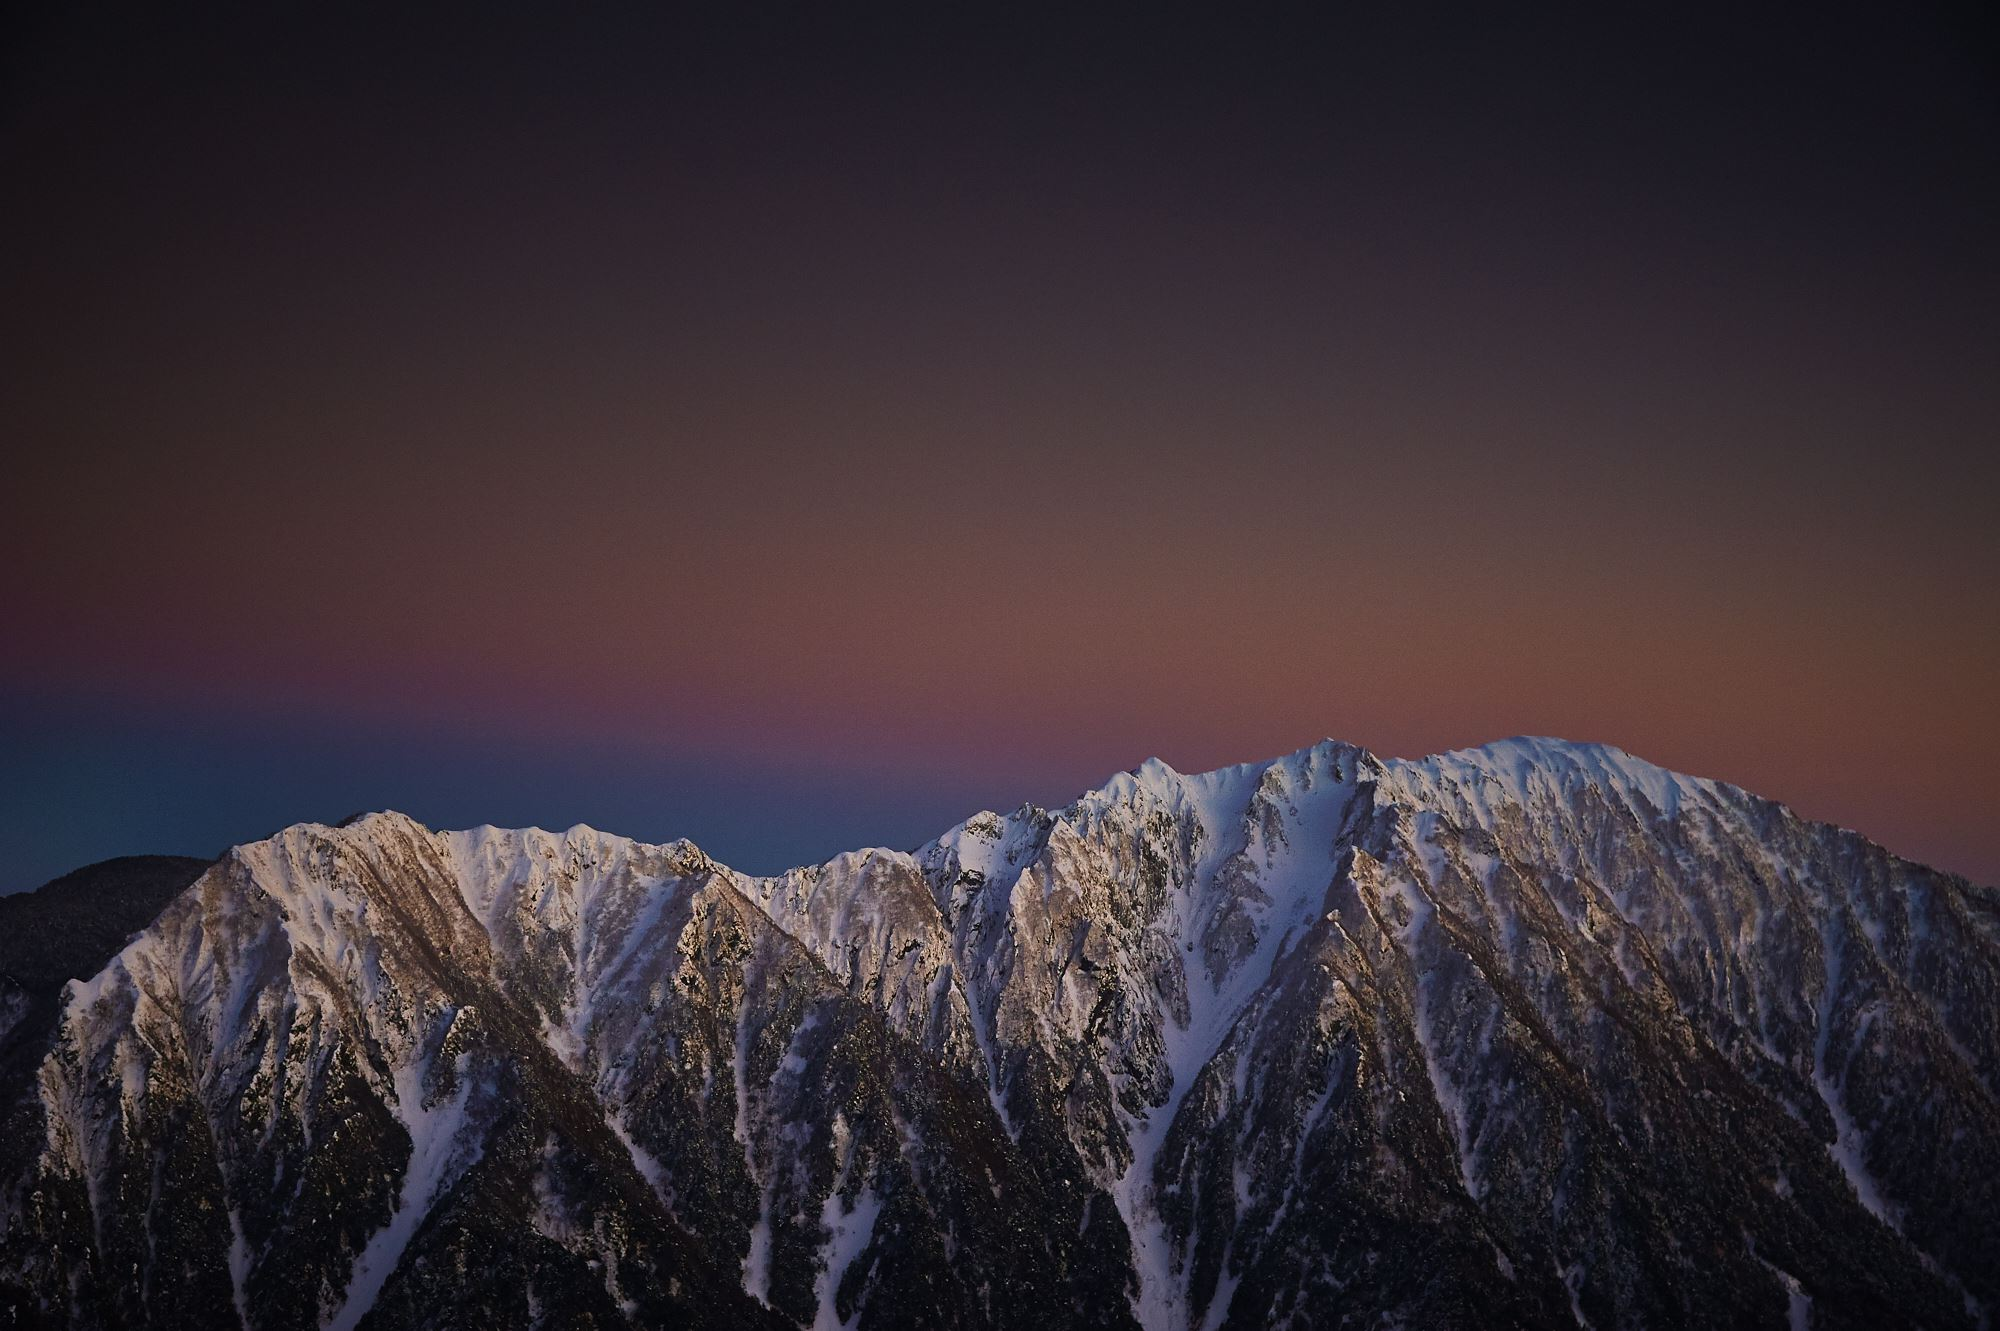 西穂山荘から見る冬の霞沢岳の夕景